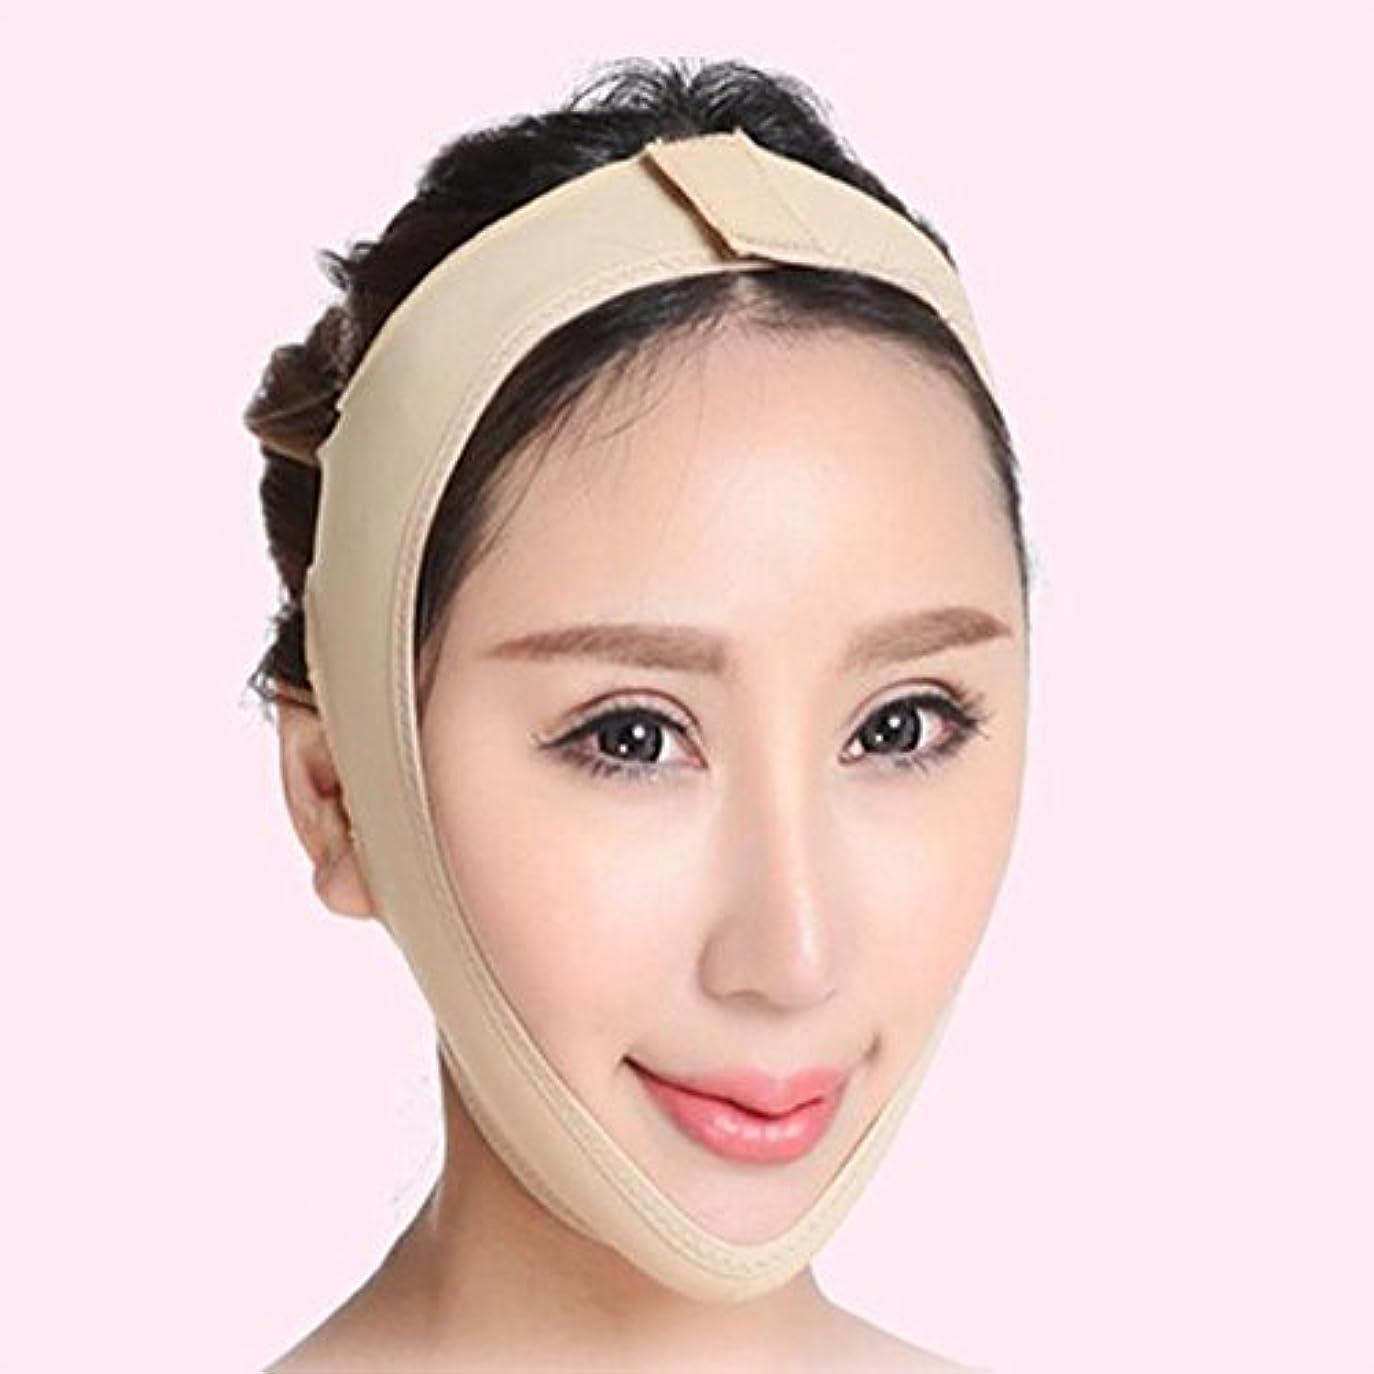 悪性腫瘍オーガニックハイランドSD 小顔 小顔マスク リフトアップ マスク フェイスライン 矯正 あご シャープ メンズ レディース Mサイズ AZD15003-M